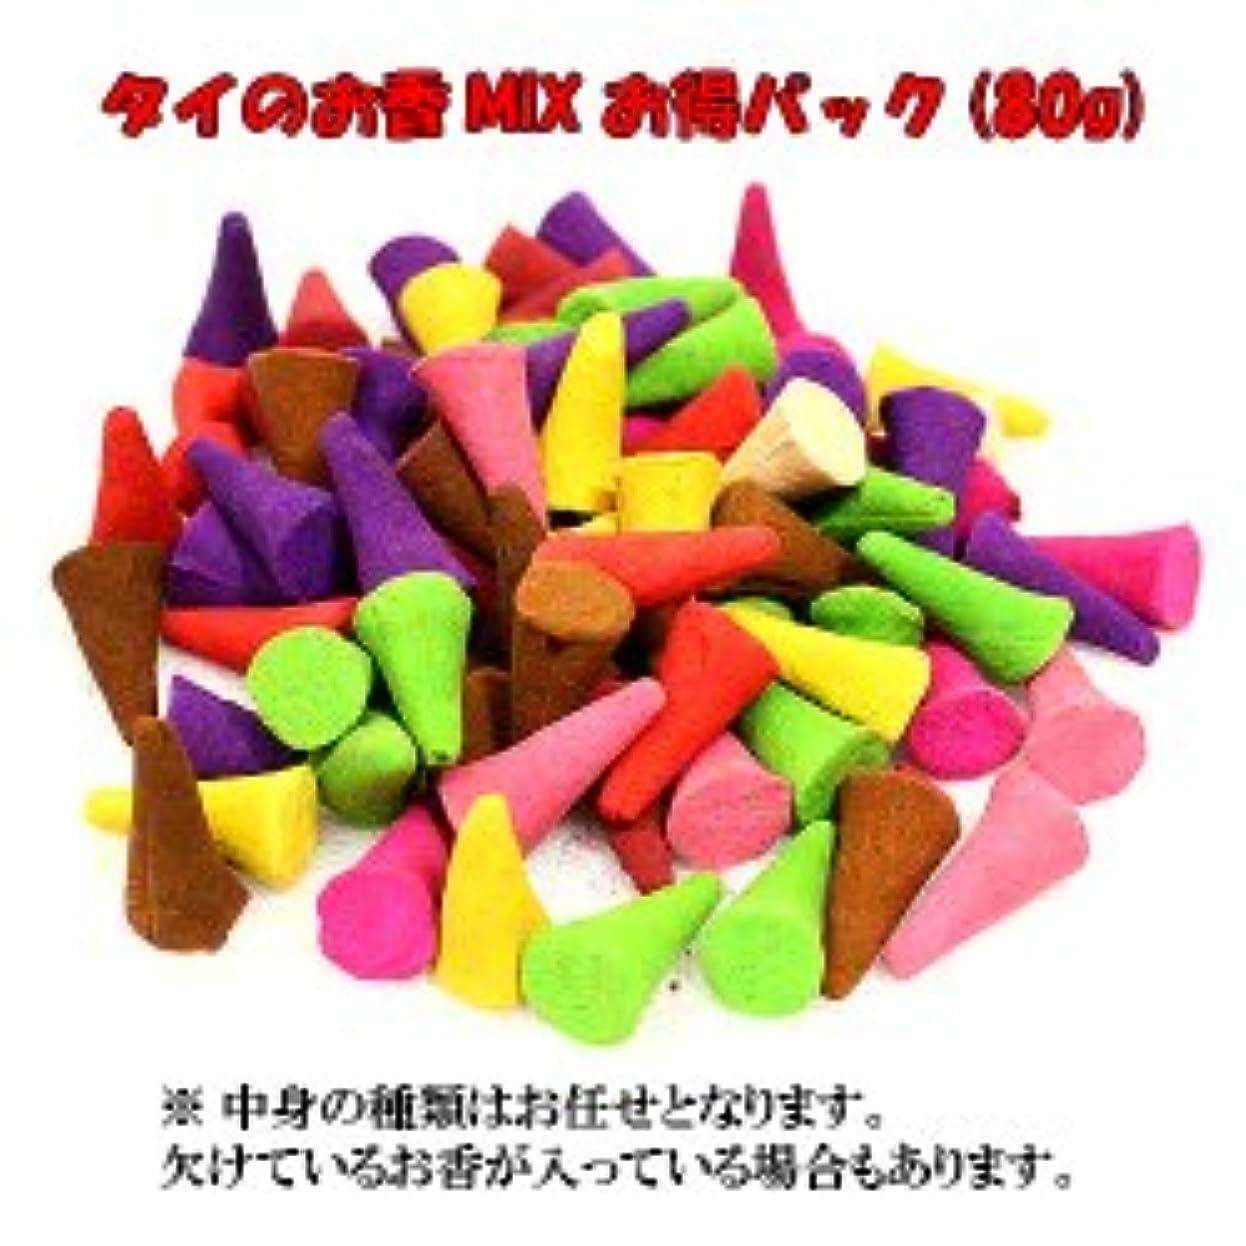 タイのお香 コーンタイプ インセンス MIX お得パック 80g アジアン雑貨